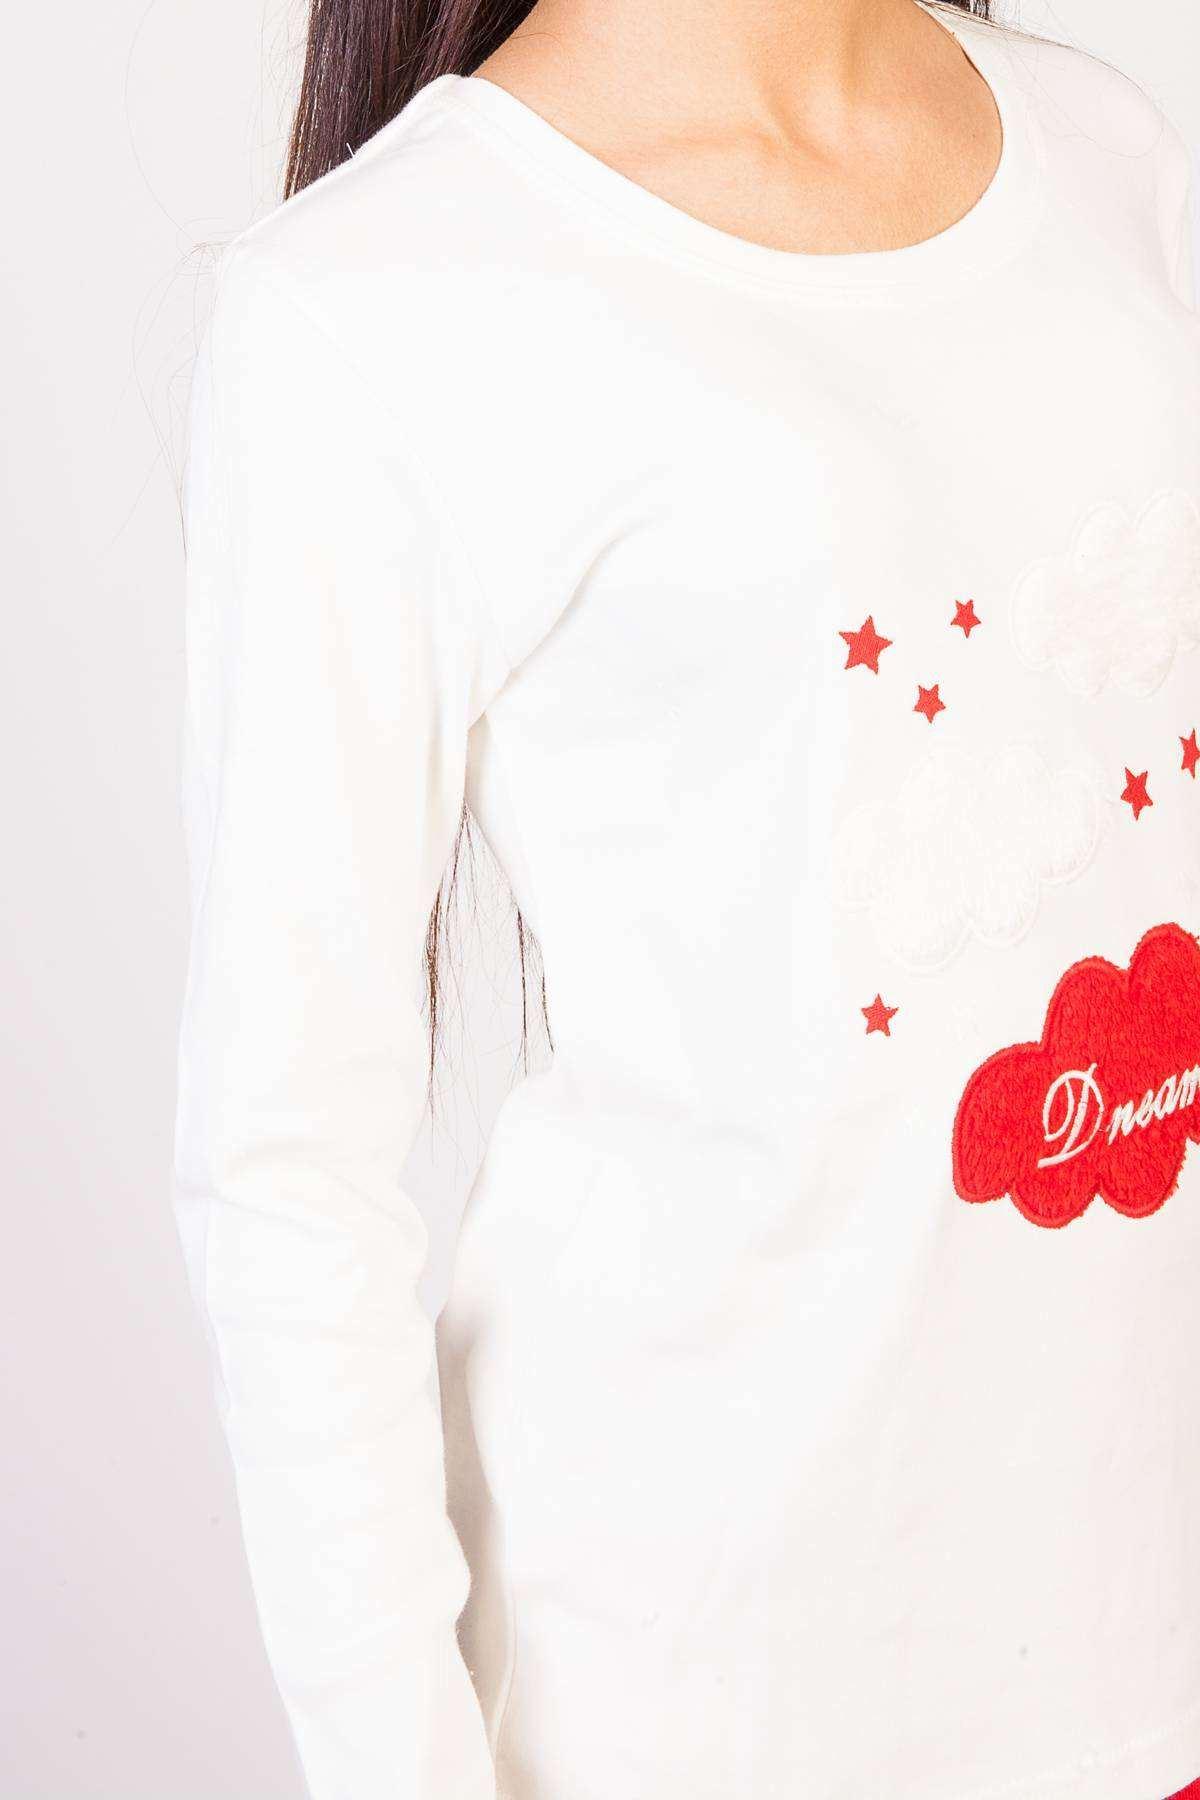 Bulut Baskı Detaylı Kadife Pijama Takımı Ekru